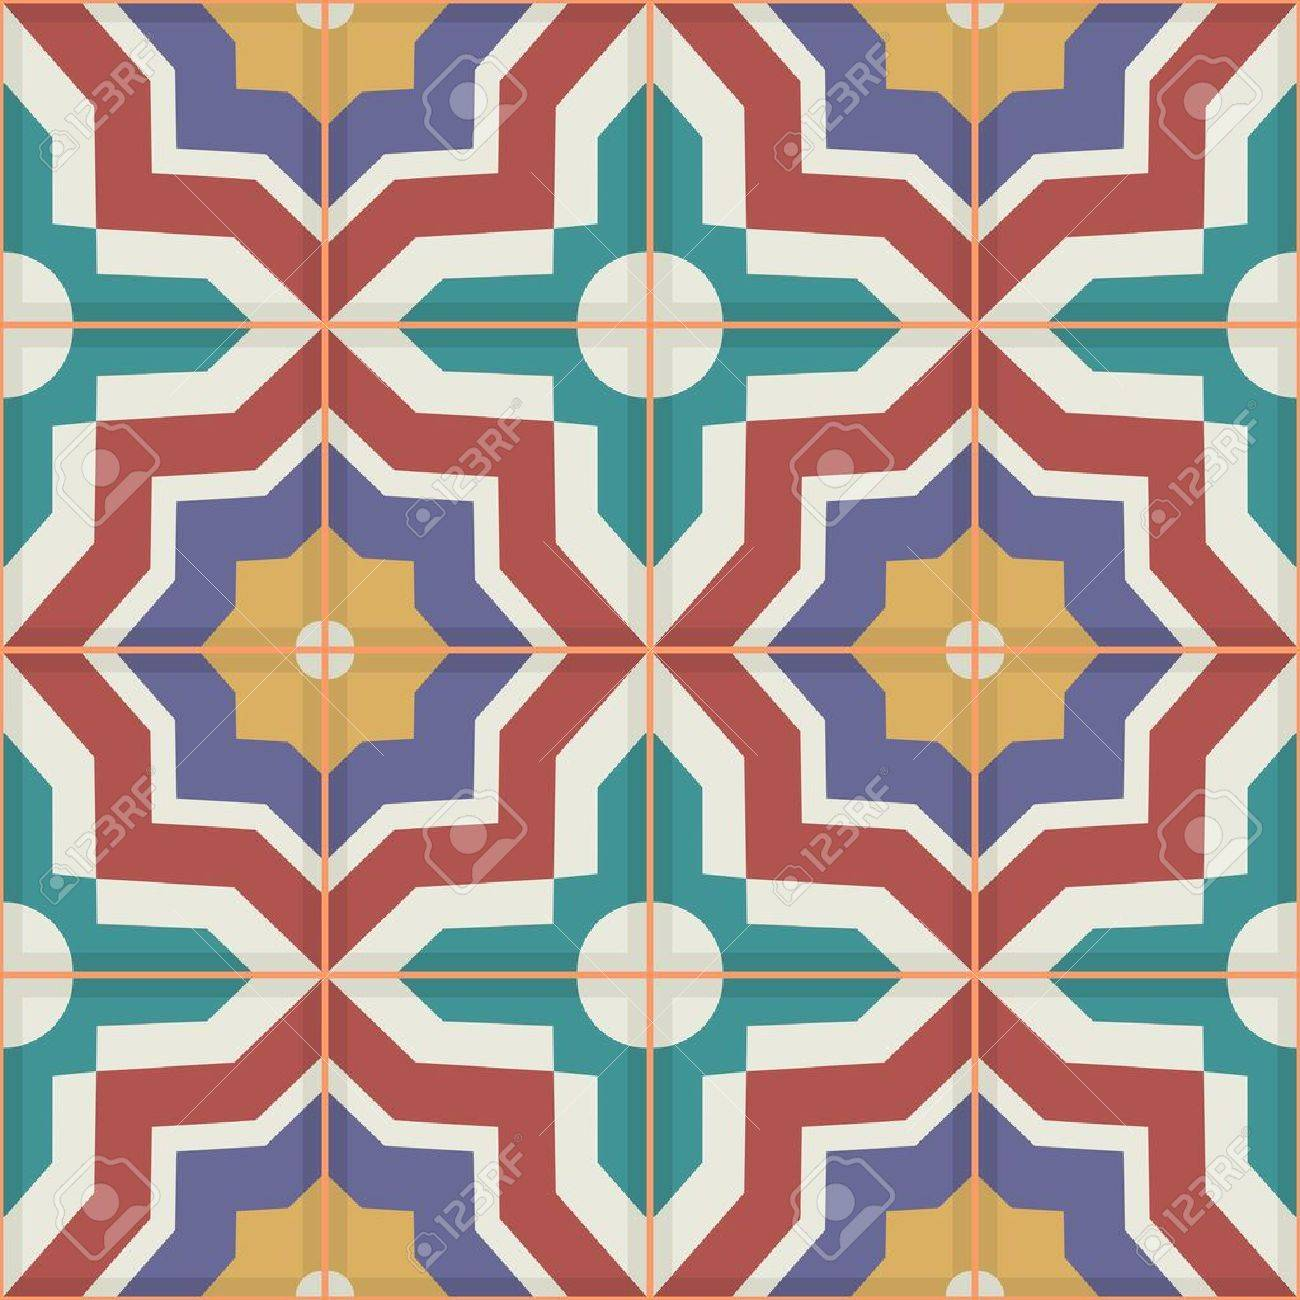 カラフルなモロッコのタイル 装飾品から豪華なシームレスなパッチワークのパターン Web ページの背景テクスチャ パターンの塗りつぶしの壁紙に使用できます のイラスト素材 ベクタ Image